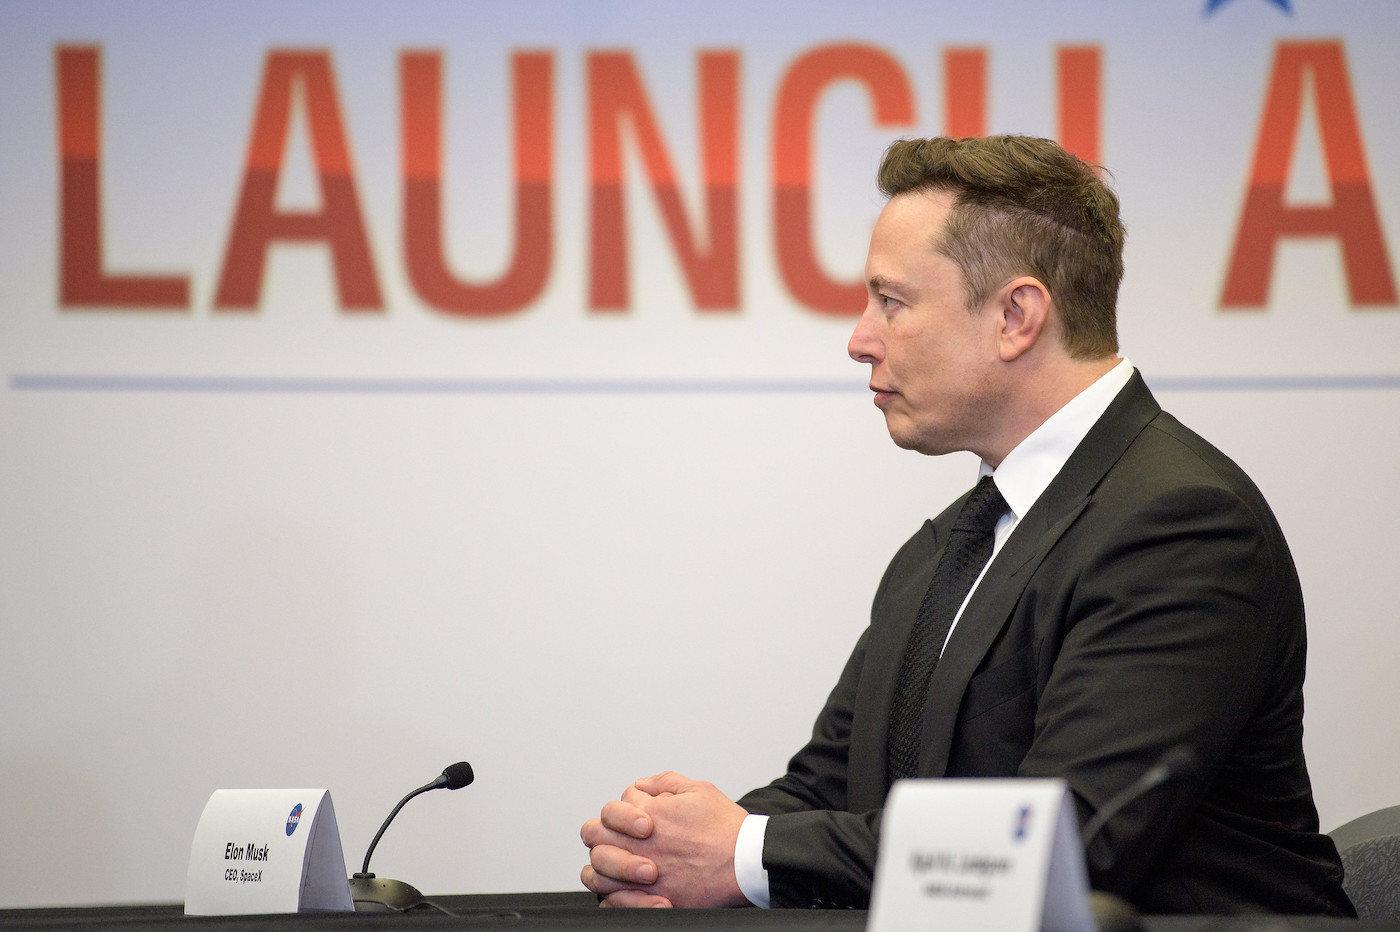 Elon Musk a mené une expérience scientifique sur les salariés de SpaceX - Presse-citron